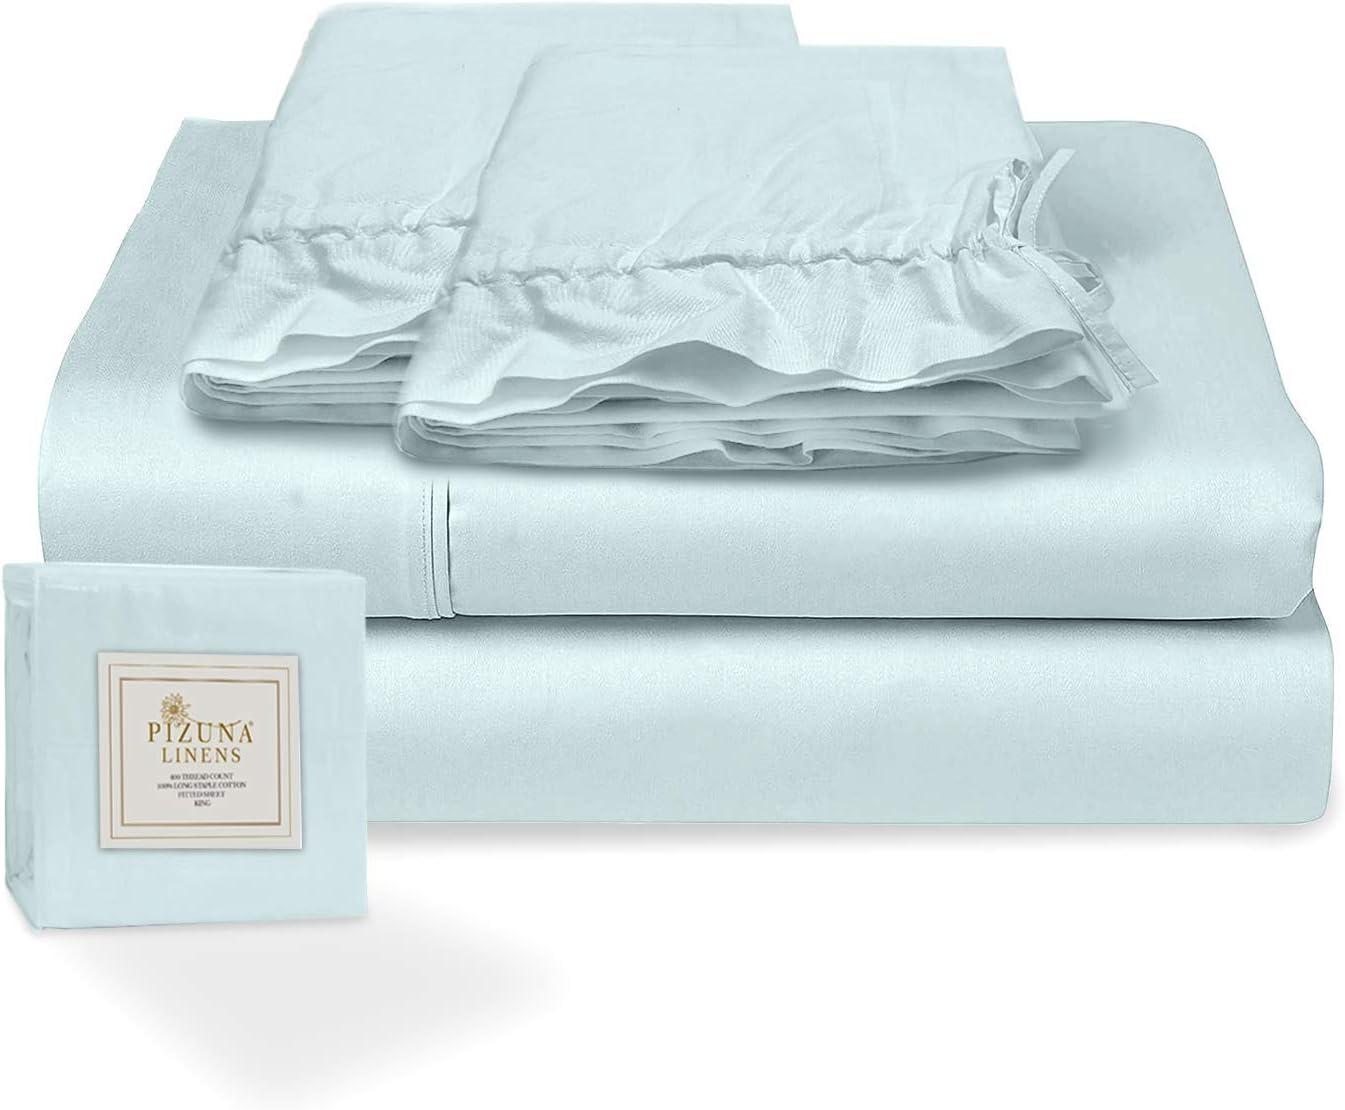 Pizuna Juego de sábanas algodón de 400 Hilos Azul Claro Cama 180cm, 100% algodón Tejido de satén Suave y Transpirable con 1 sábana Plana + 1 sábana Ajustable + 2 Cilíndrica Fundas de Almohada